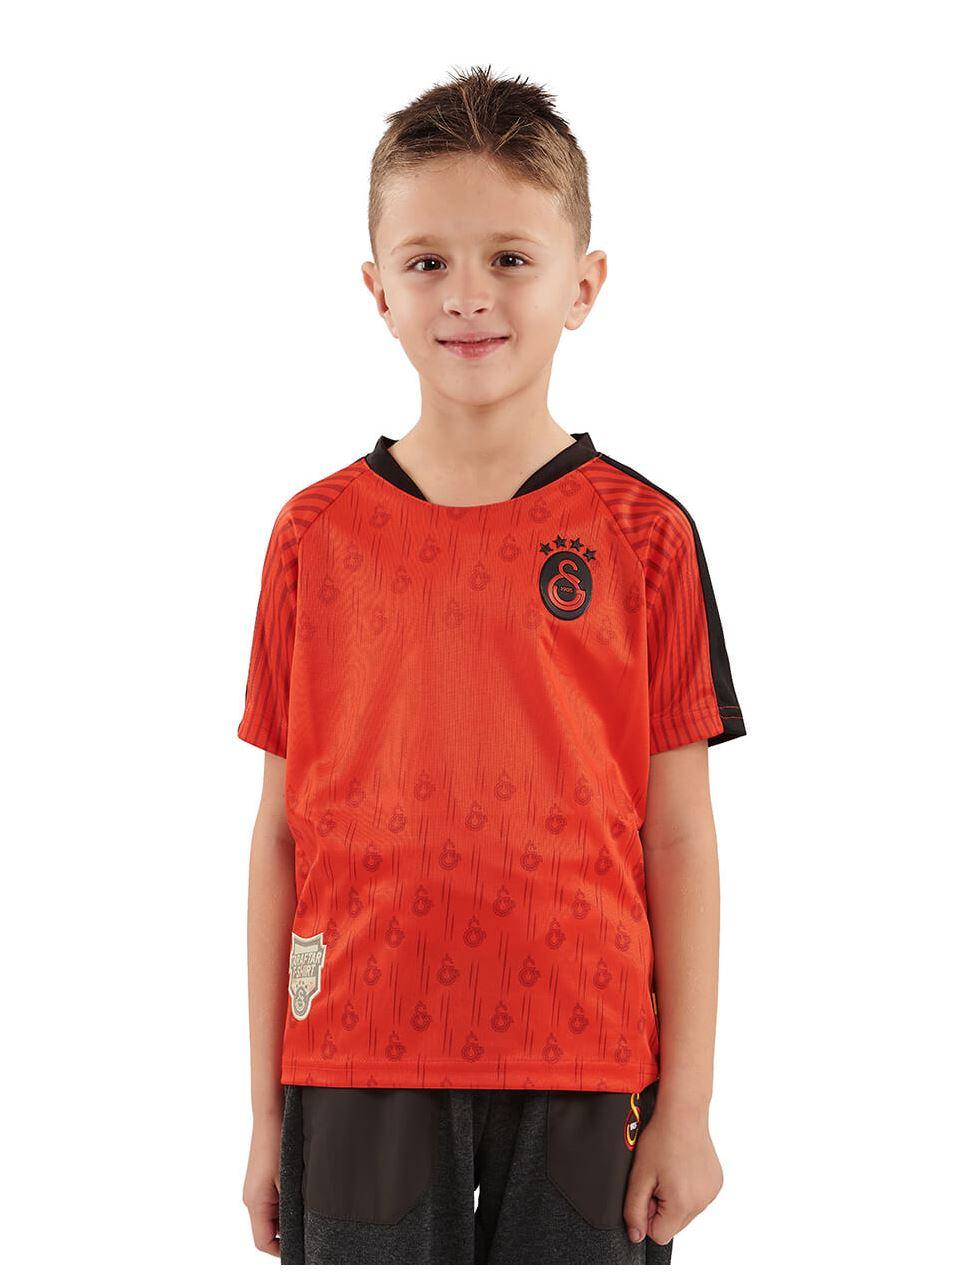 Galatasaray Sariyla Kirmizi Taraftar Çocuk T-shirt C191209